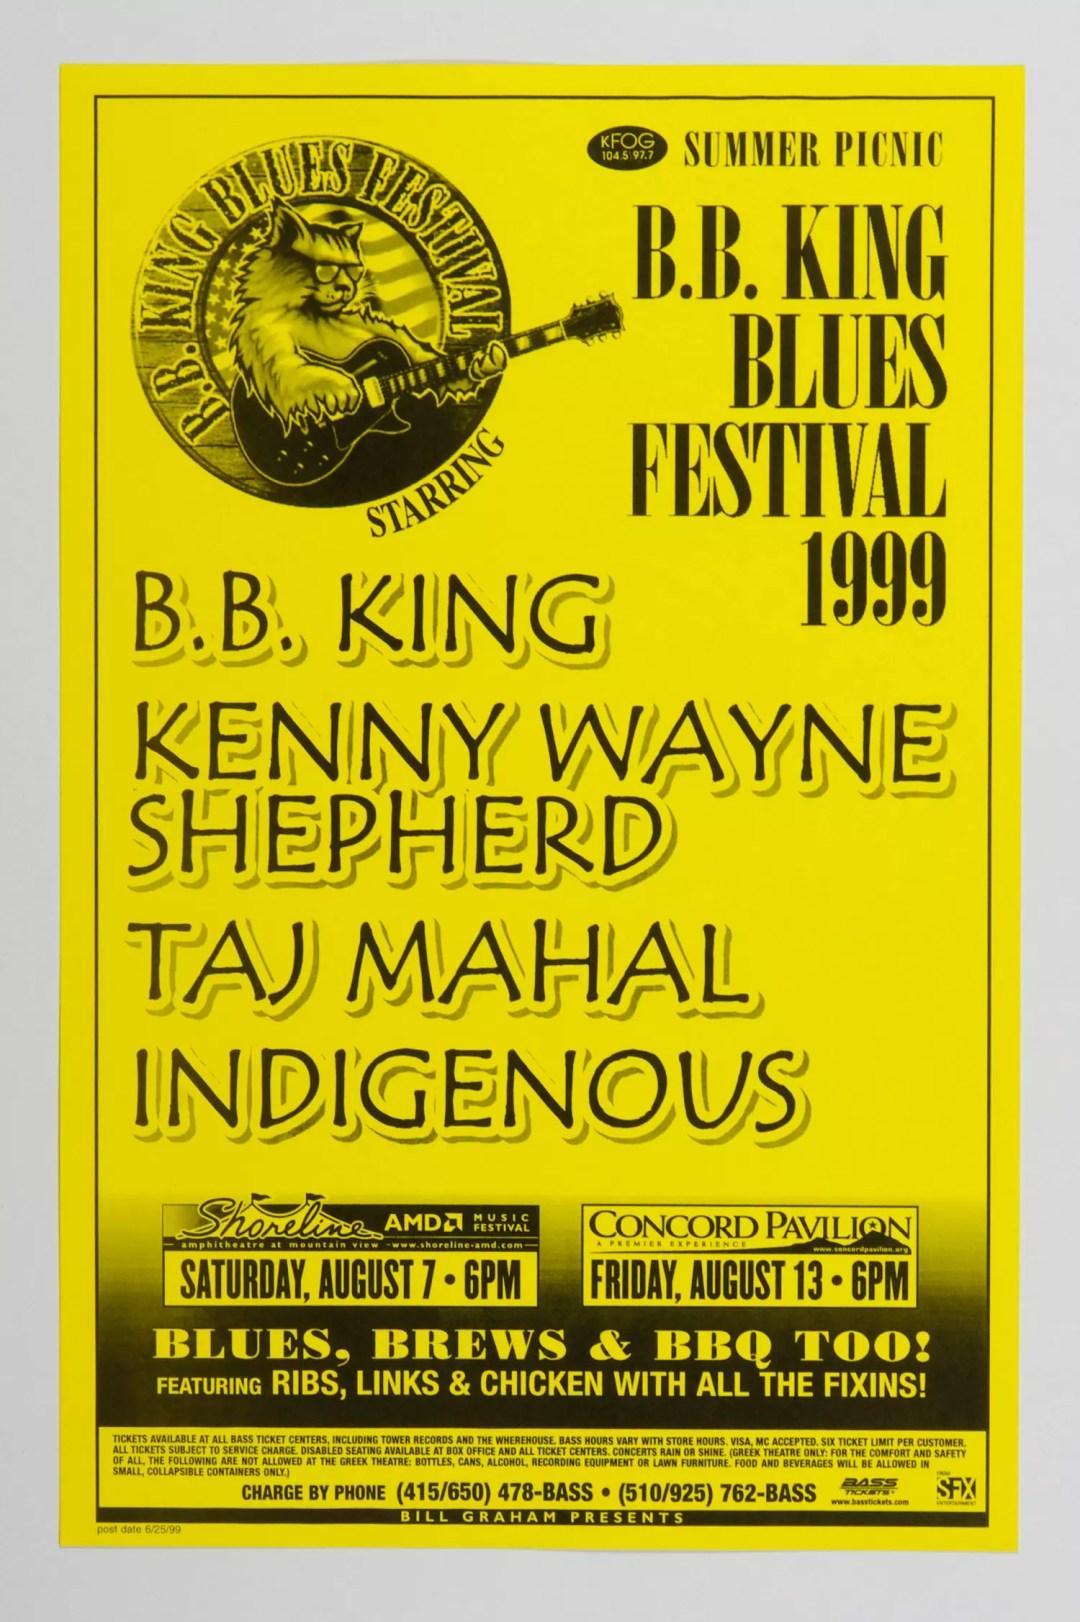 BB King Poster 1999 Aug 7 Shoreline Amphitheatre Concord Pavilion